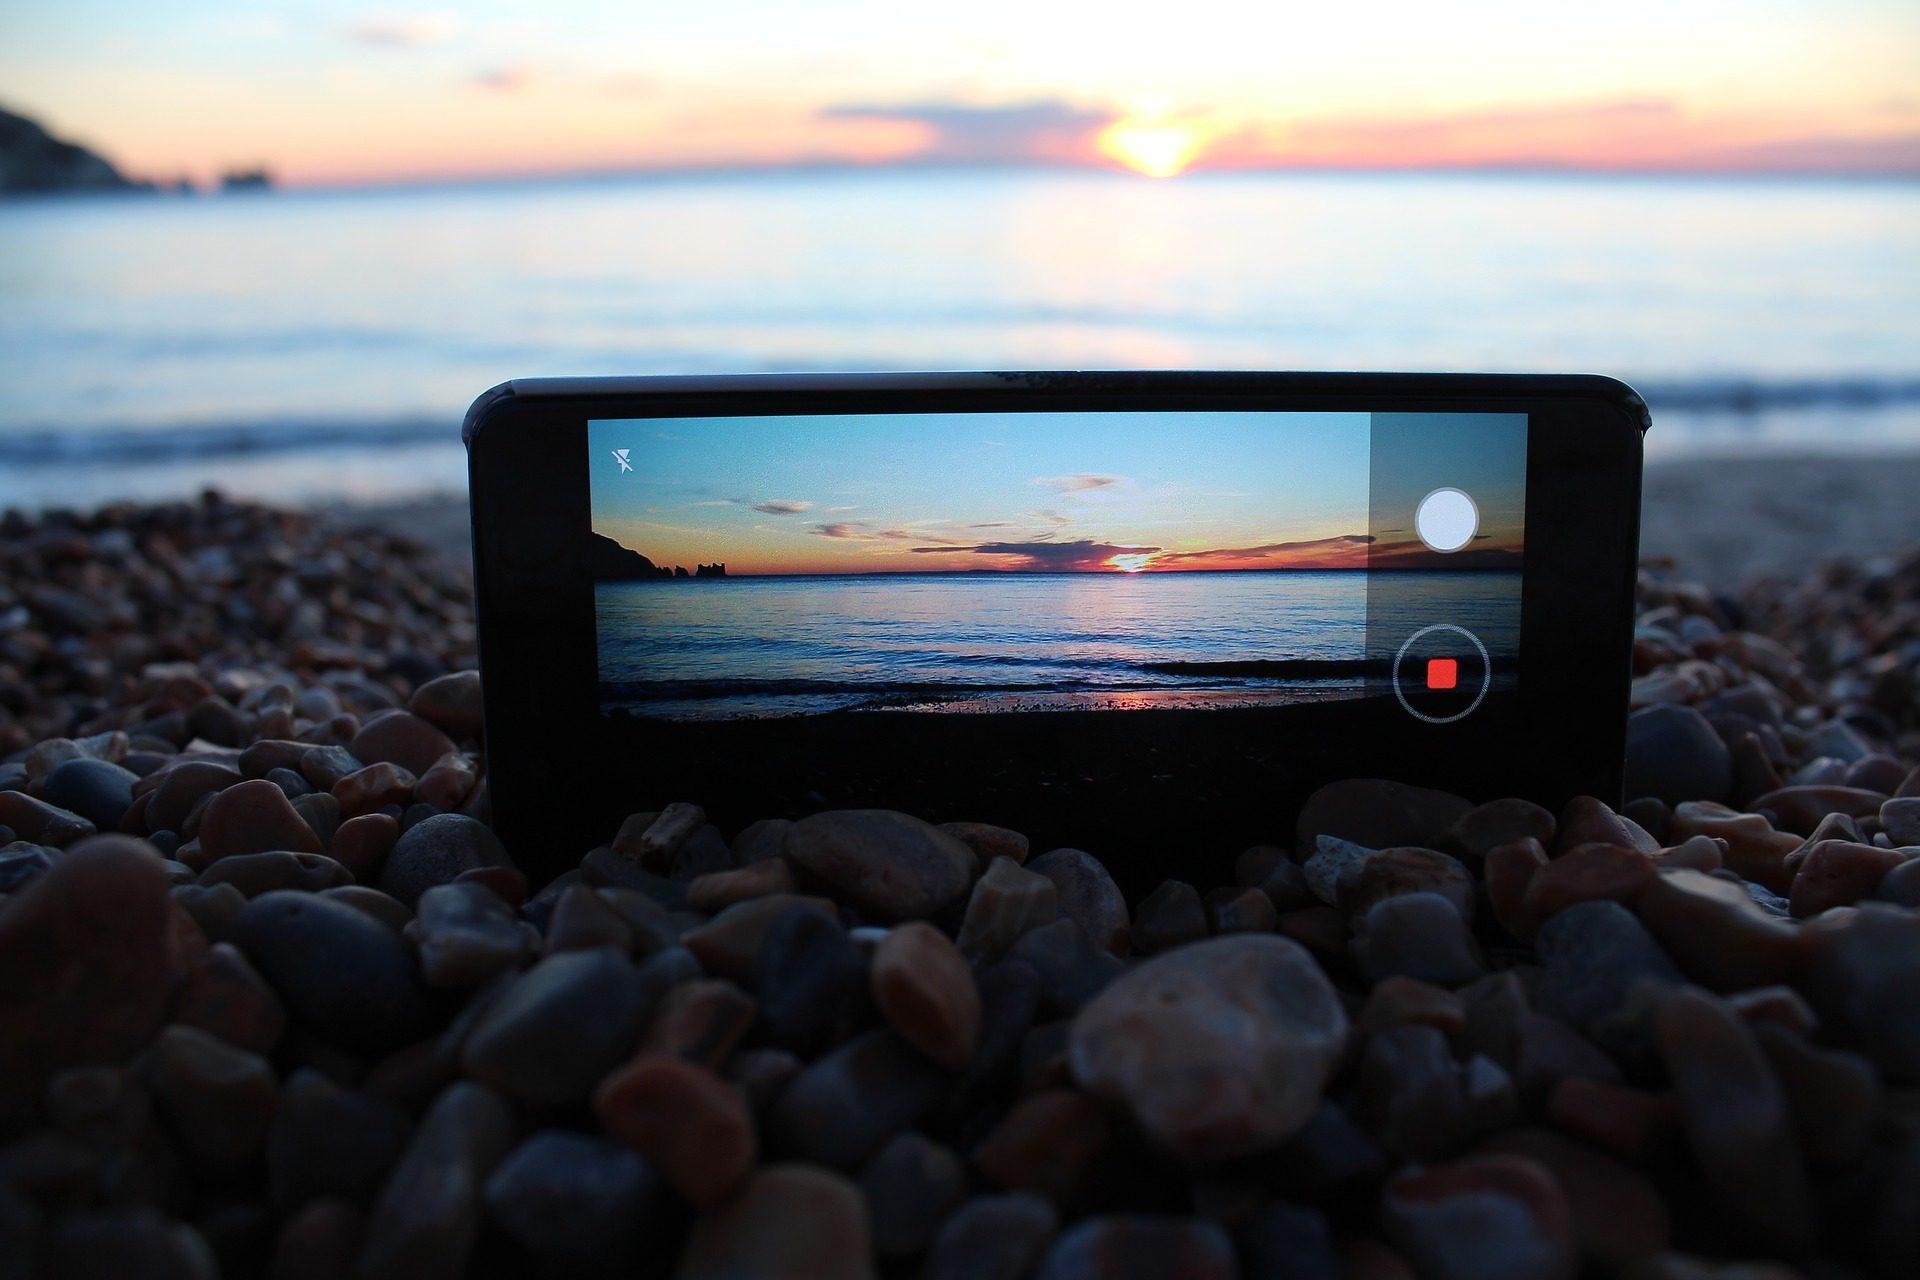 الهاتف, موبايل, الهاتف الذكي, الكاميرا, grabación, البحر - خلفيات عالية الدقة - أستاذ falken.com